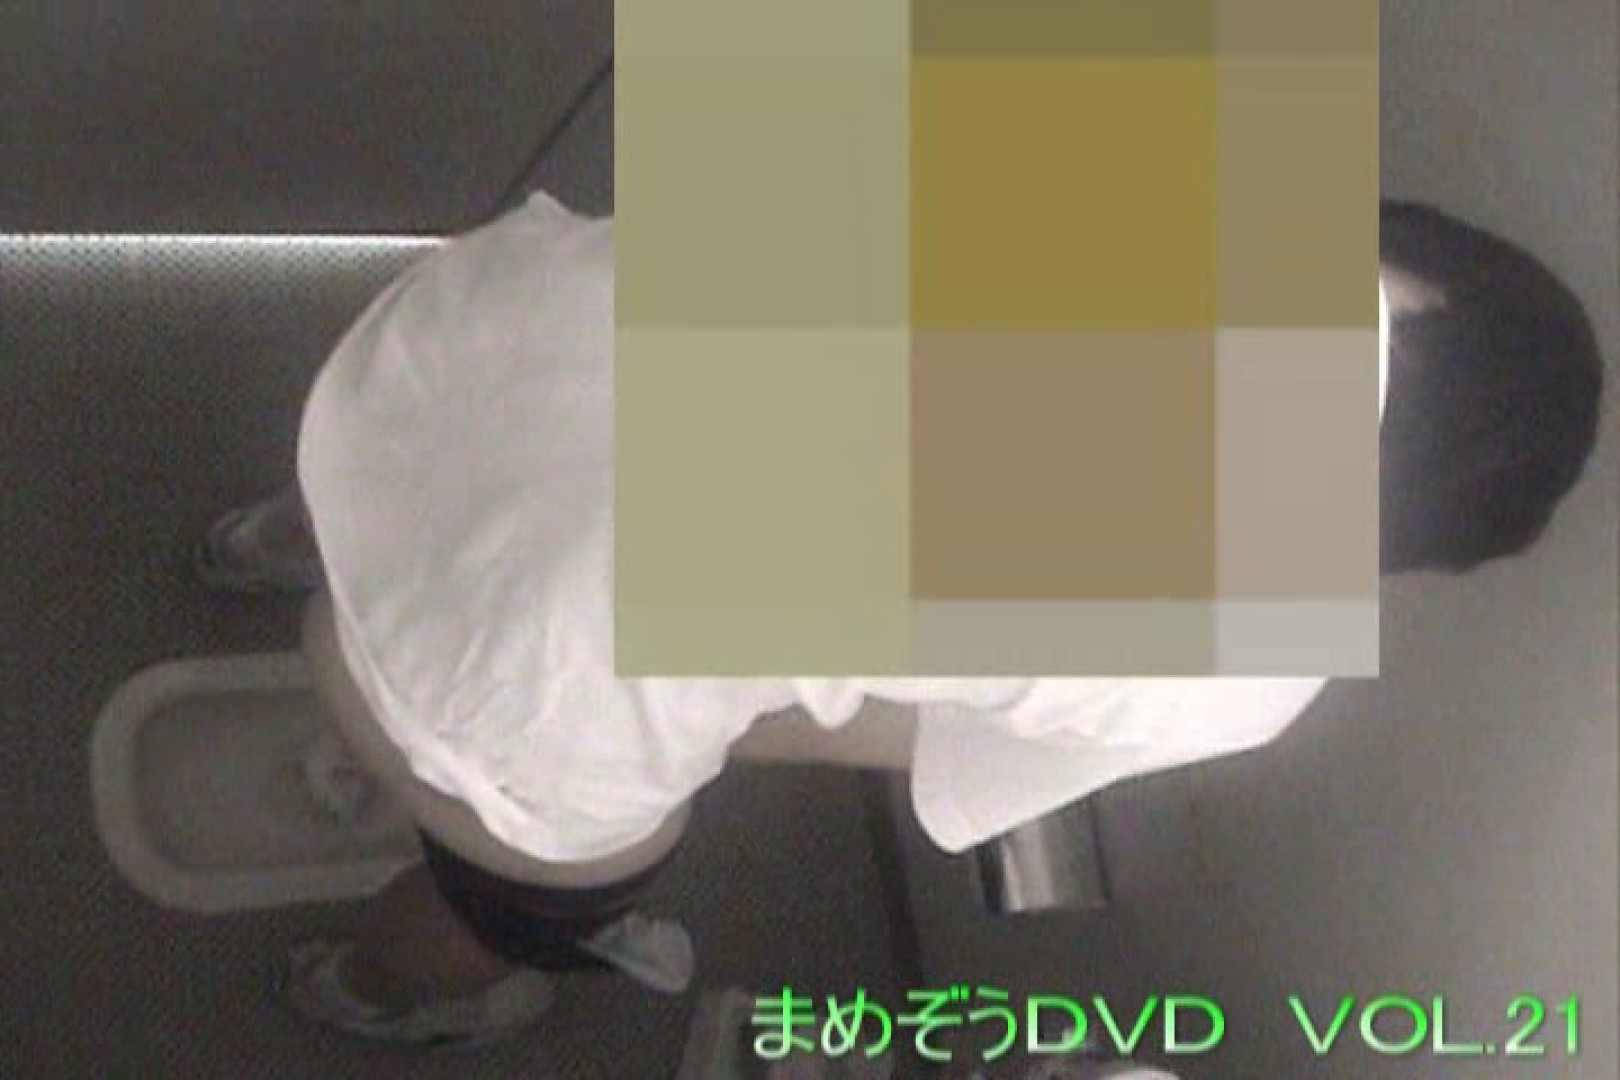 まめぞうDVD完全版VOL.21 洗面所 | ギャル攻め  91画像 91